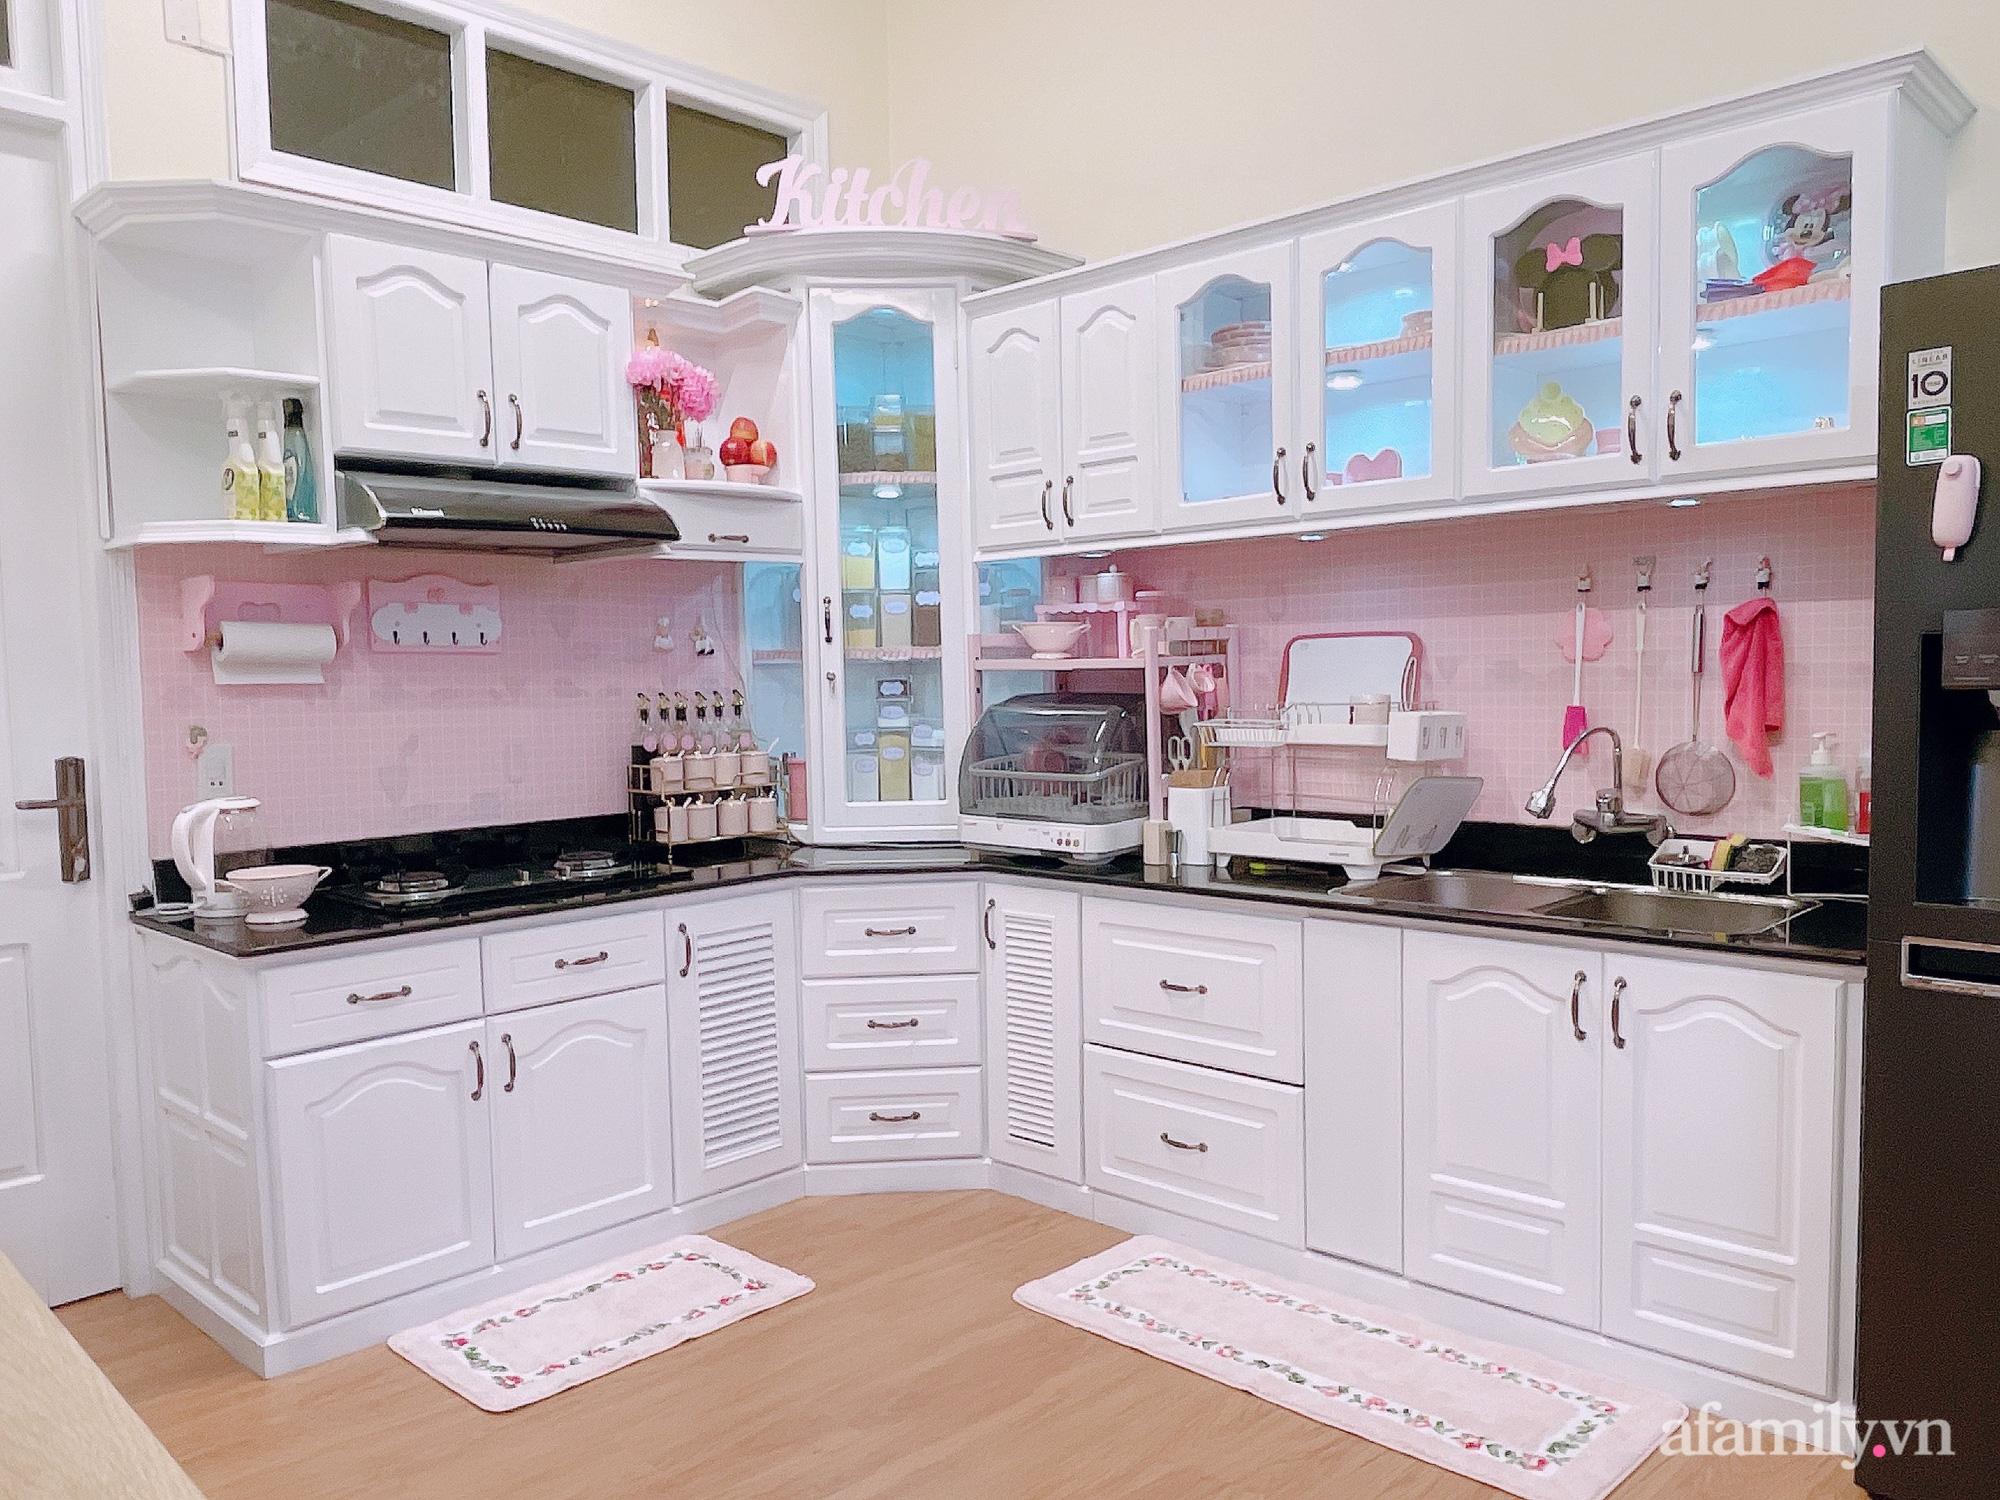 Mẹ trẻ Đà Lạt tự cải tạo căn bếp chật hẹp thành không gian tiện nghi với chi phí rẻ không ngờ - Ảnh 4.